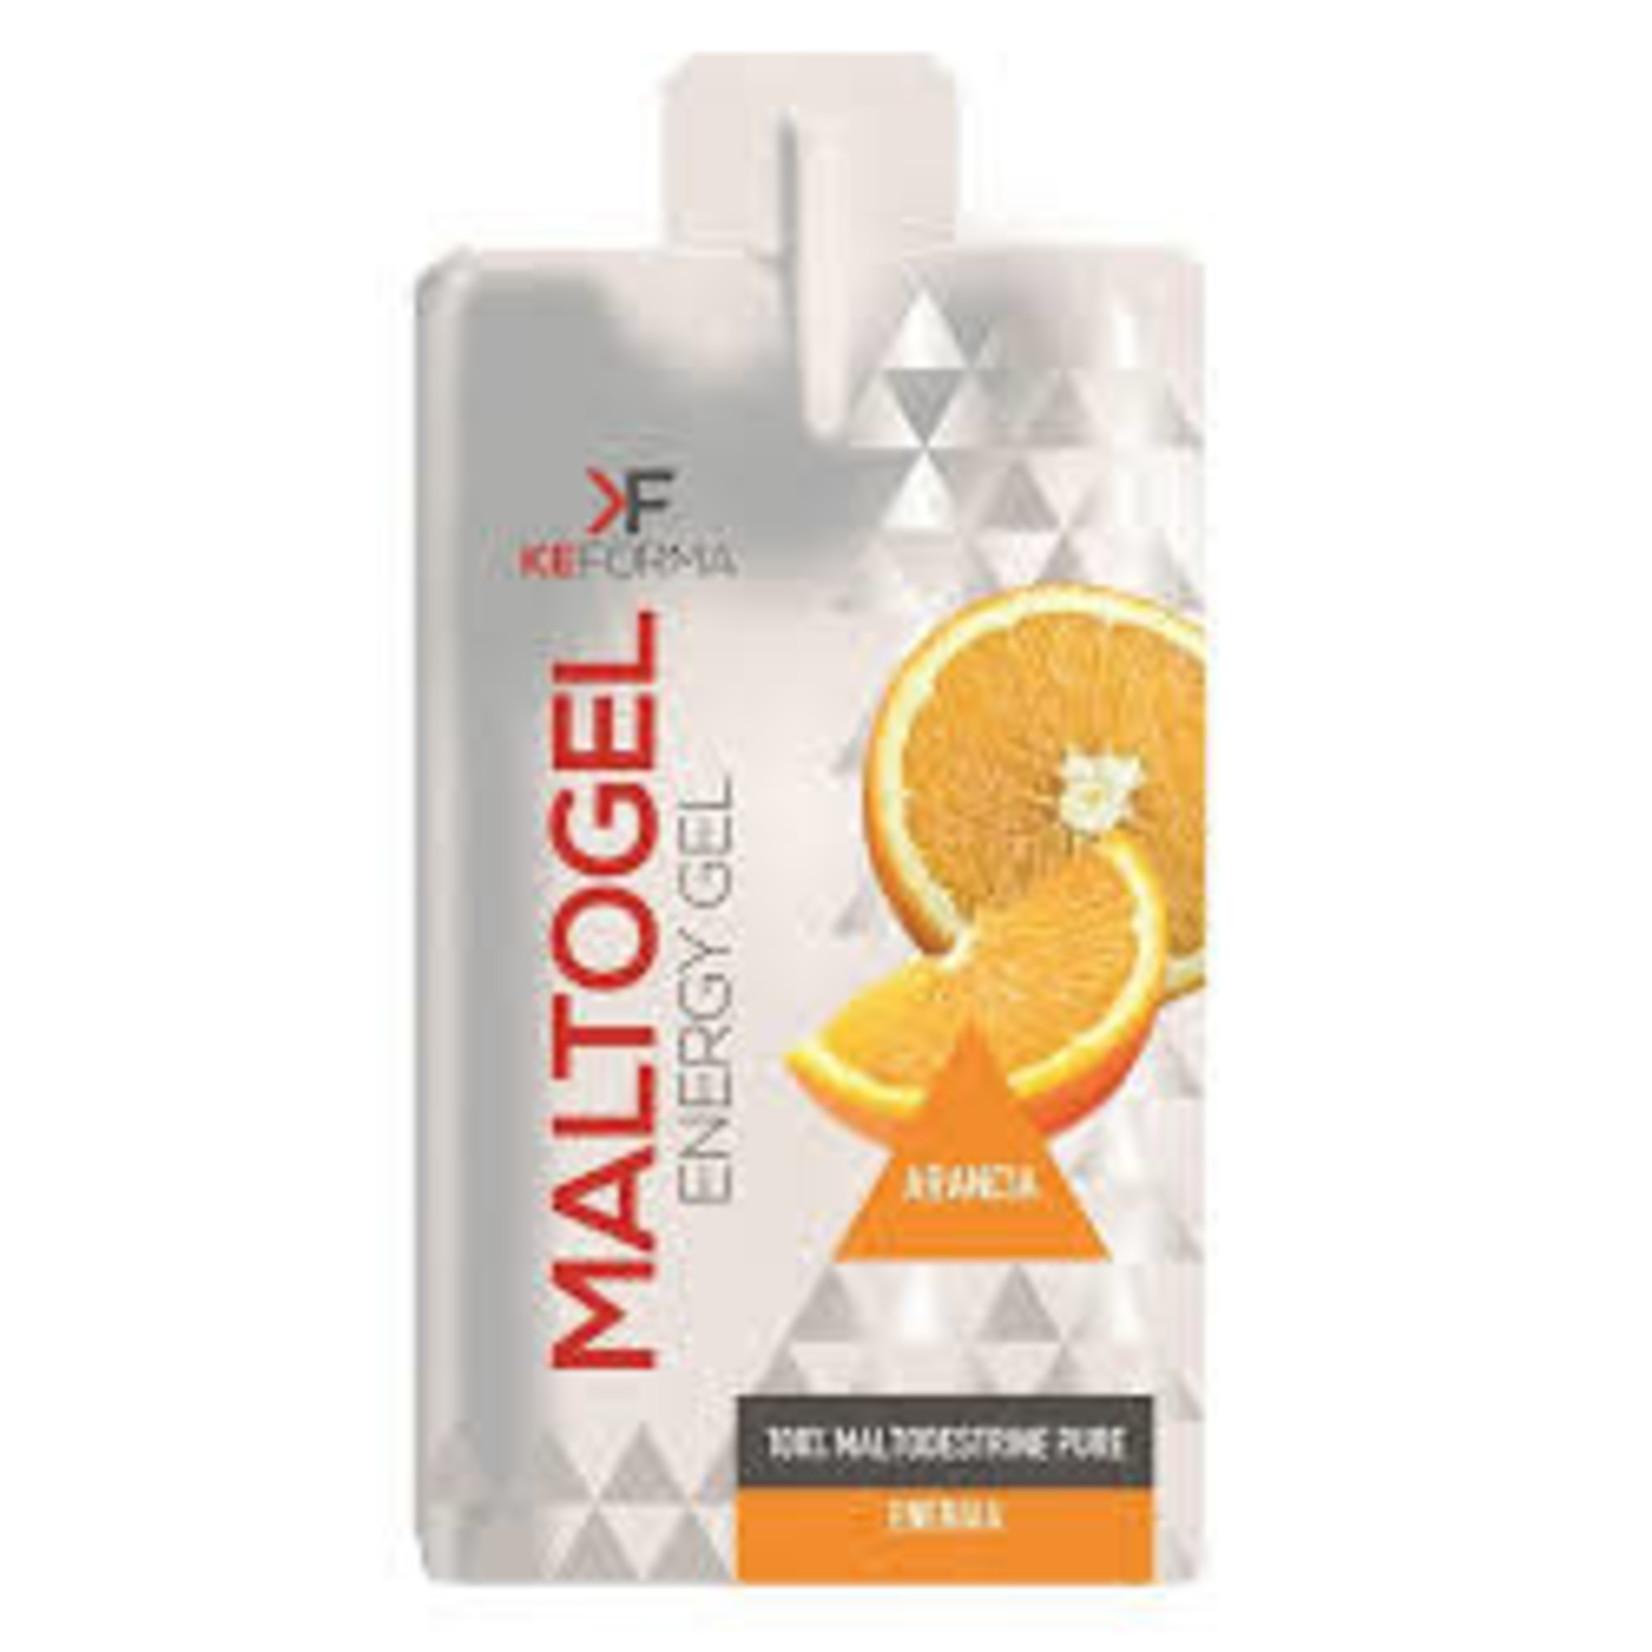 keforma KeForma - Malto gel arancia 60ml